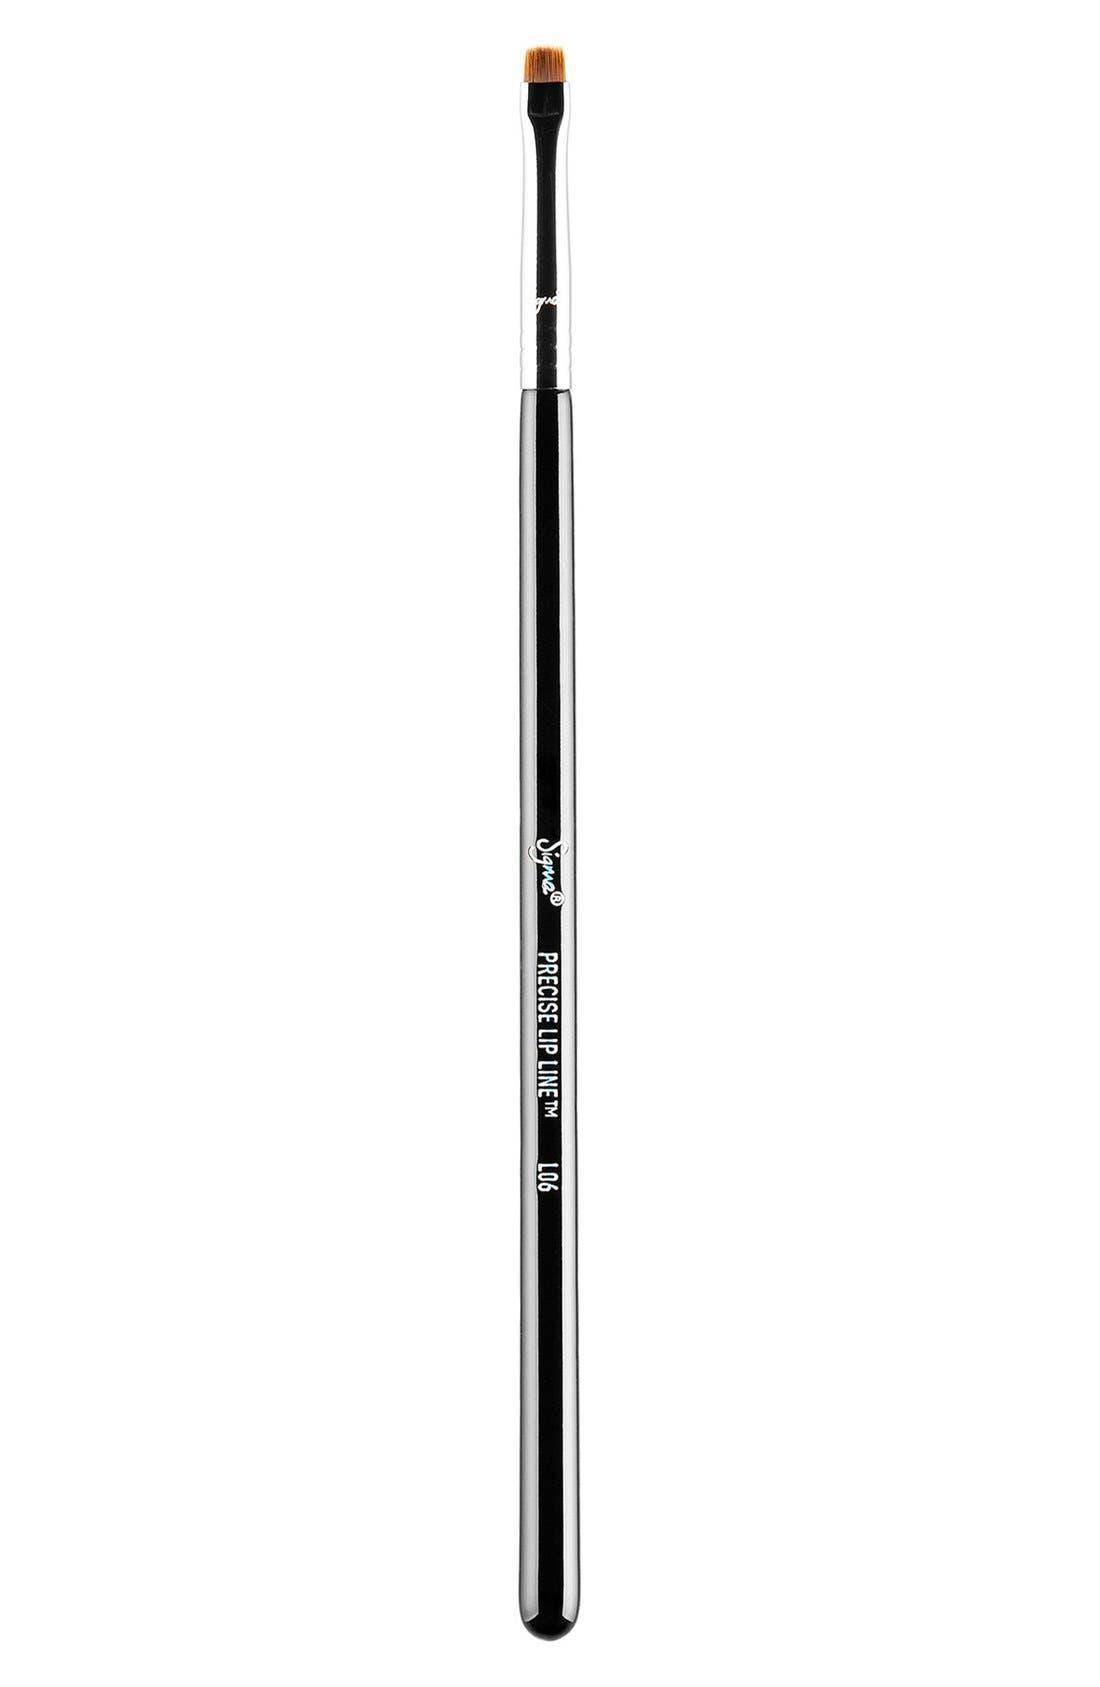 Sigma Beauty L06 Precise Lip Line Brush